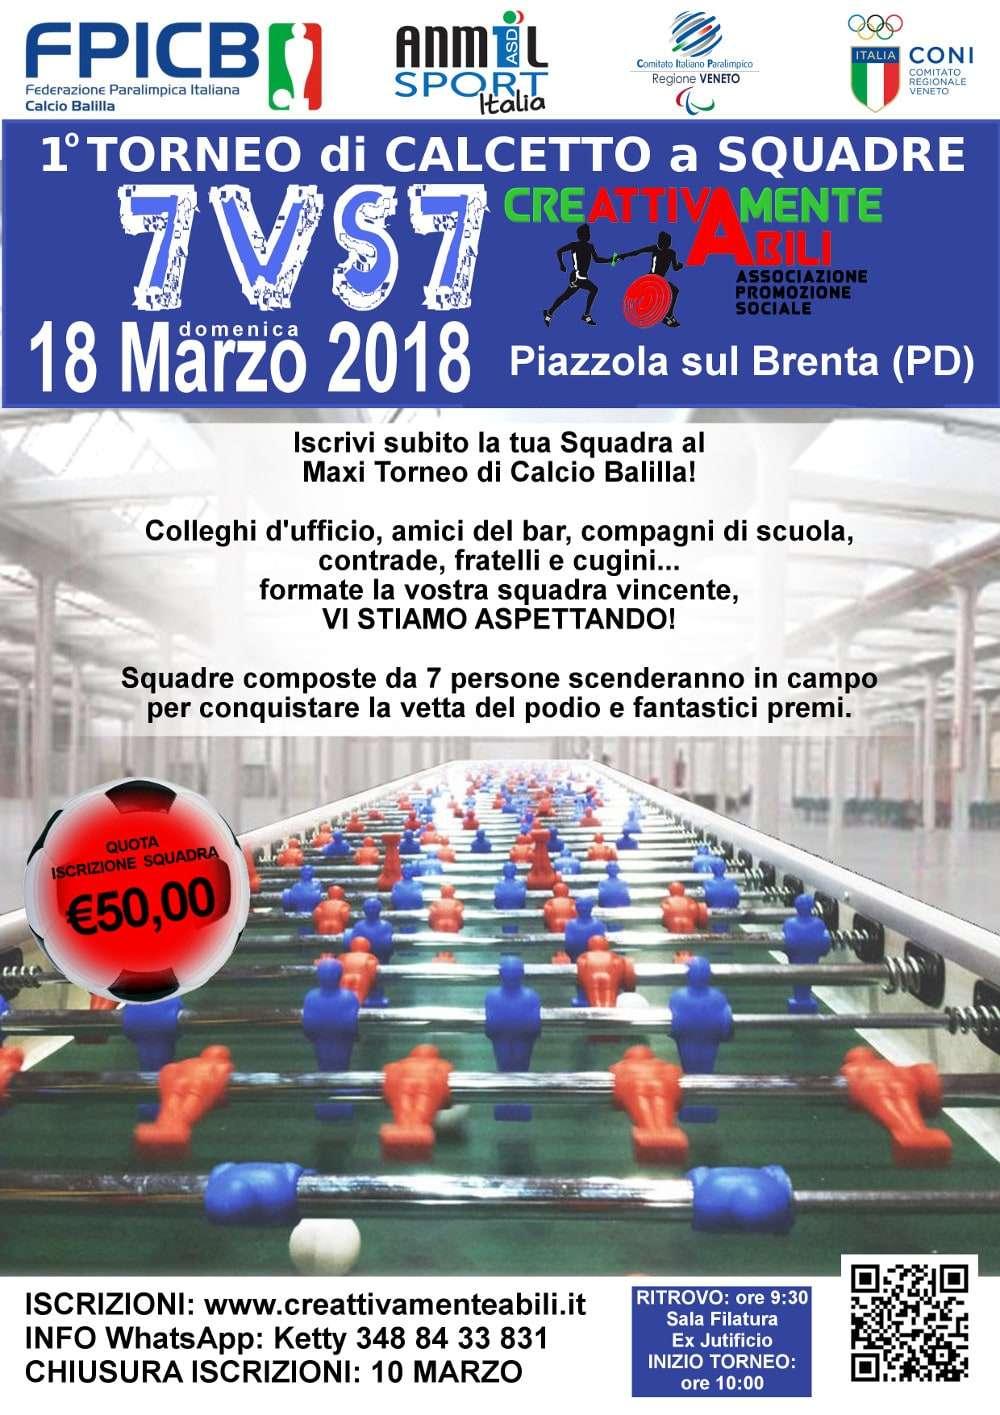 Immagine torneo maxi calcio balilla